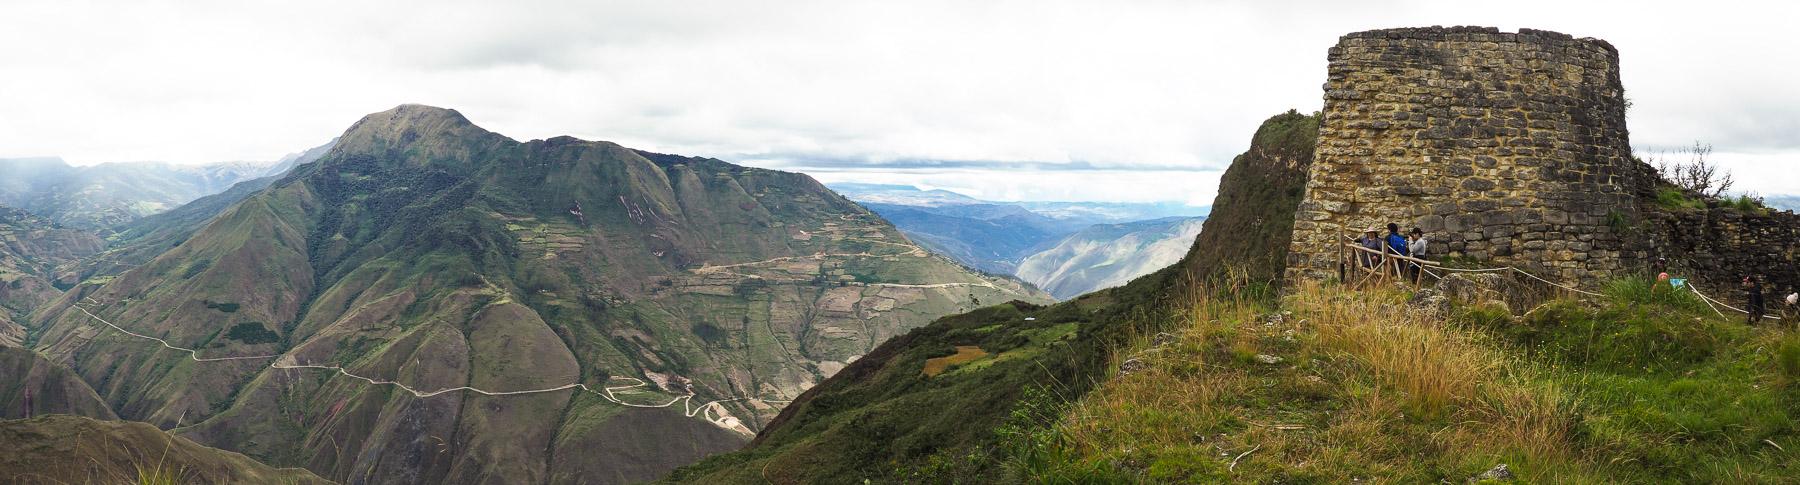 Ganz oben auf einer Bergspitze liegt Kuelap